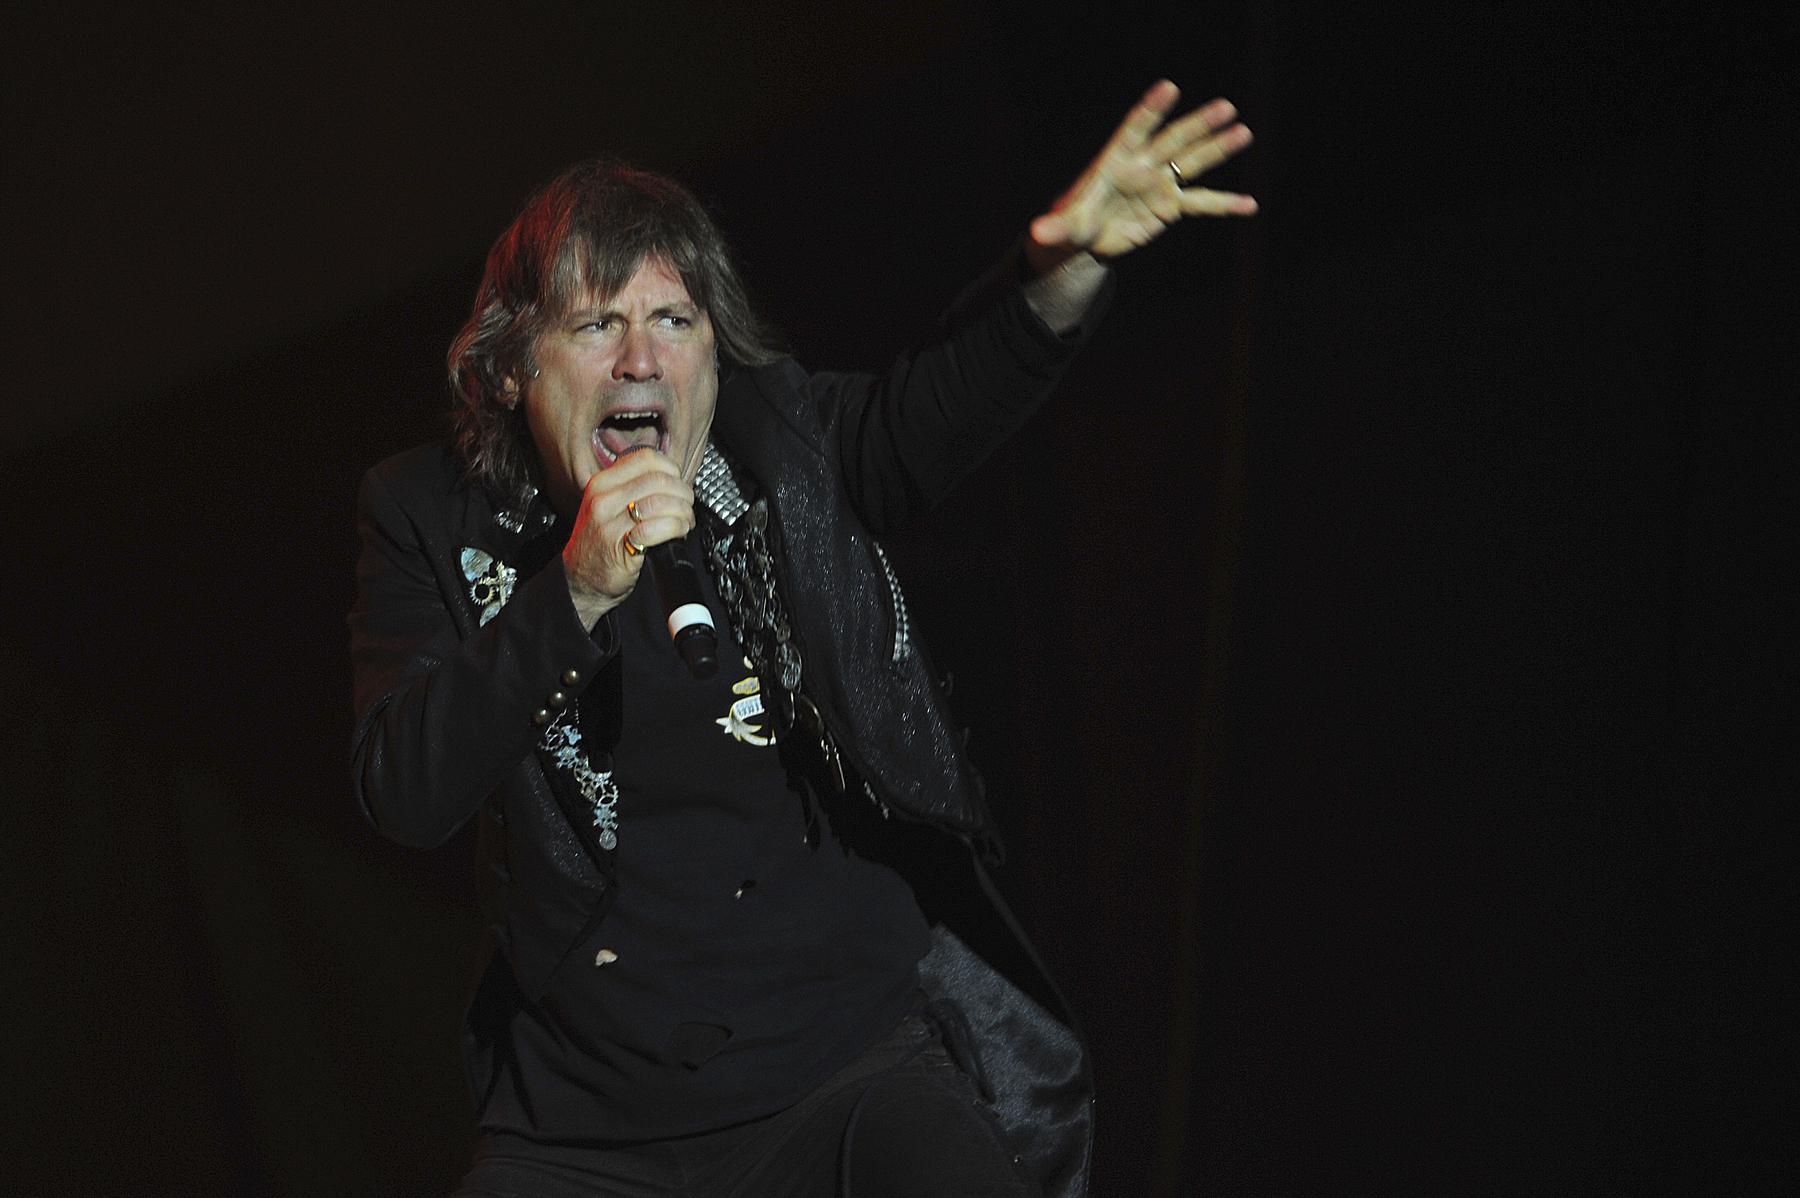 Iron Maiden Using BitTorrent Analytics to Plot Tours